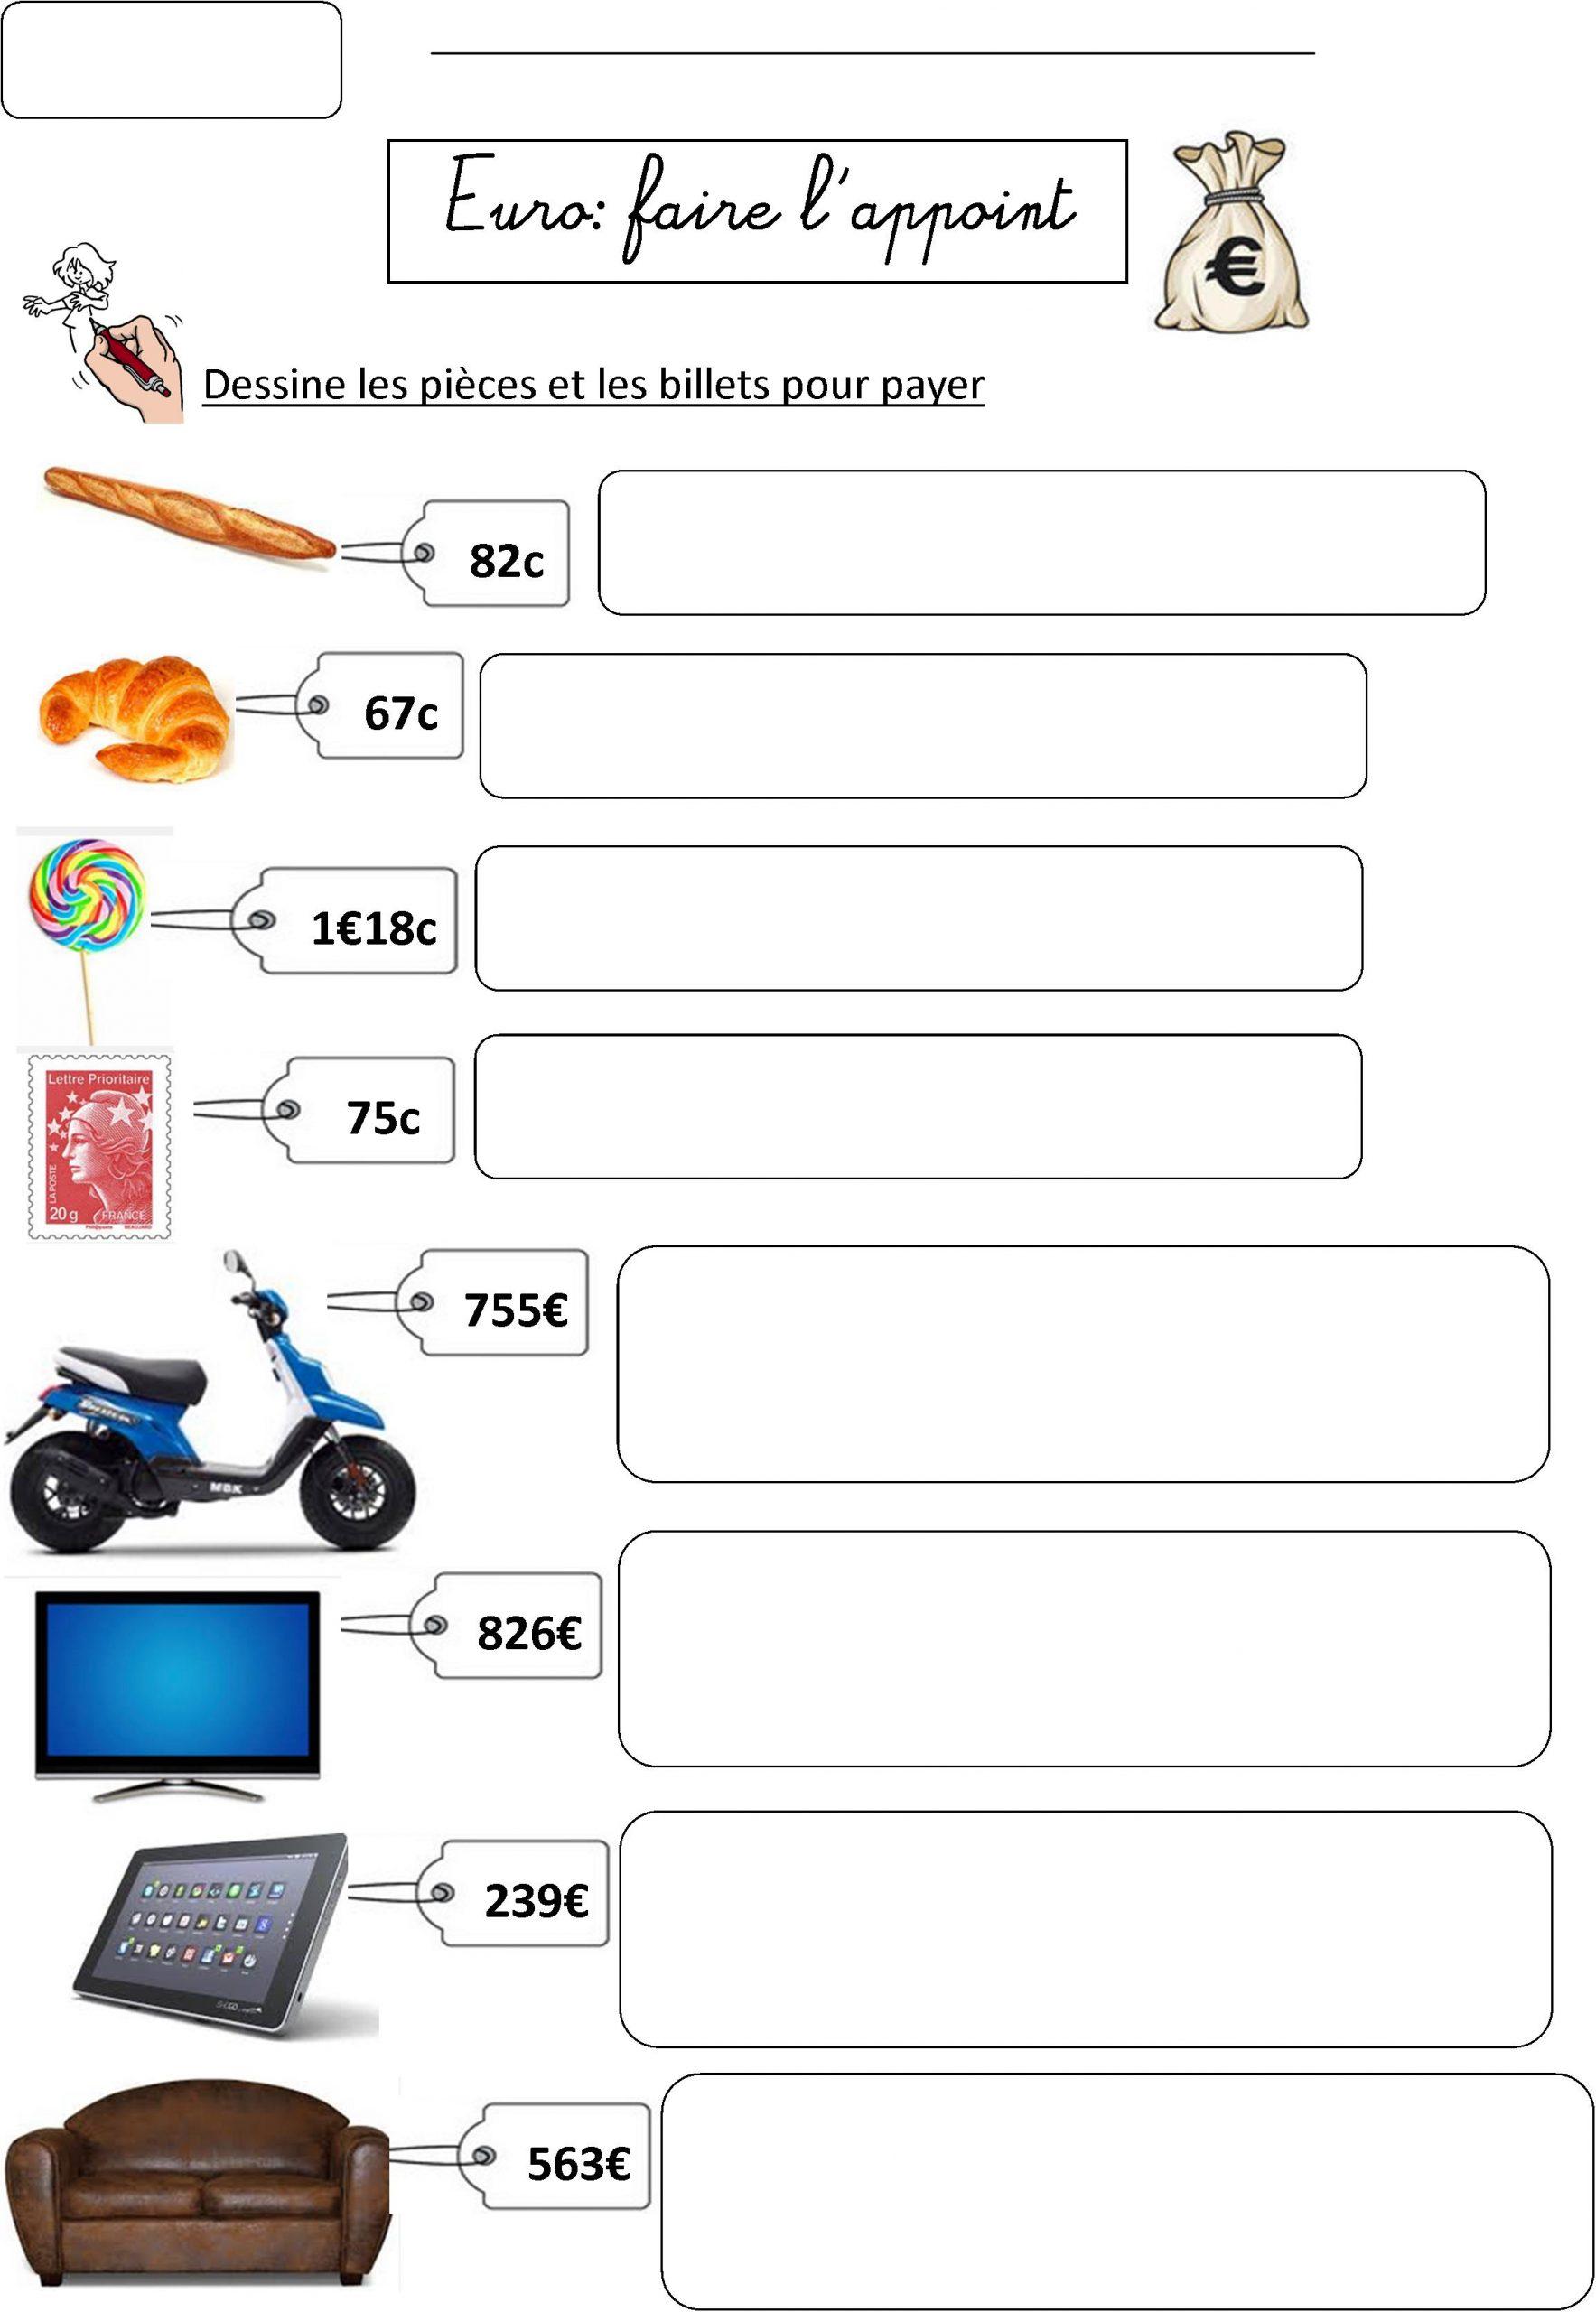 Euro Ce2 | Le Blog De Monsieur Mathieu tout Exercice De Ce2 Gratuit